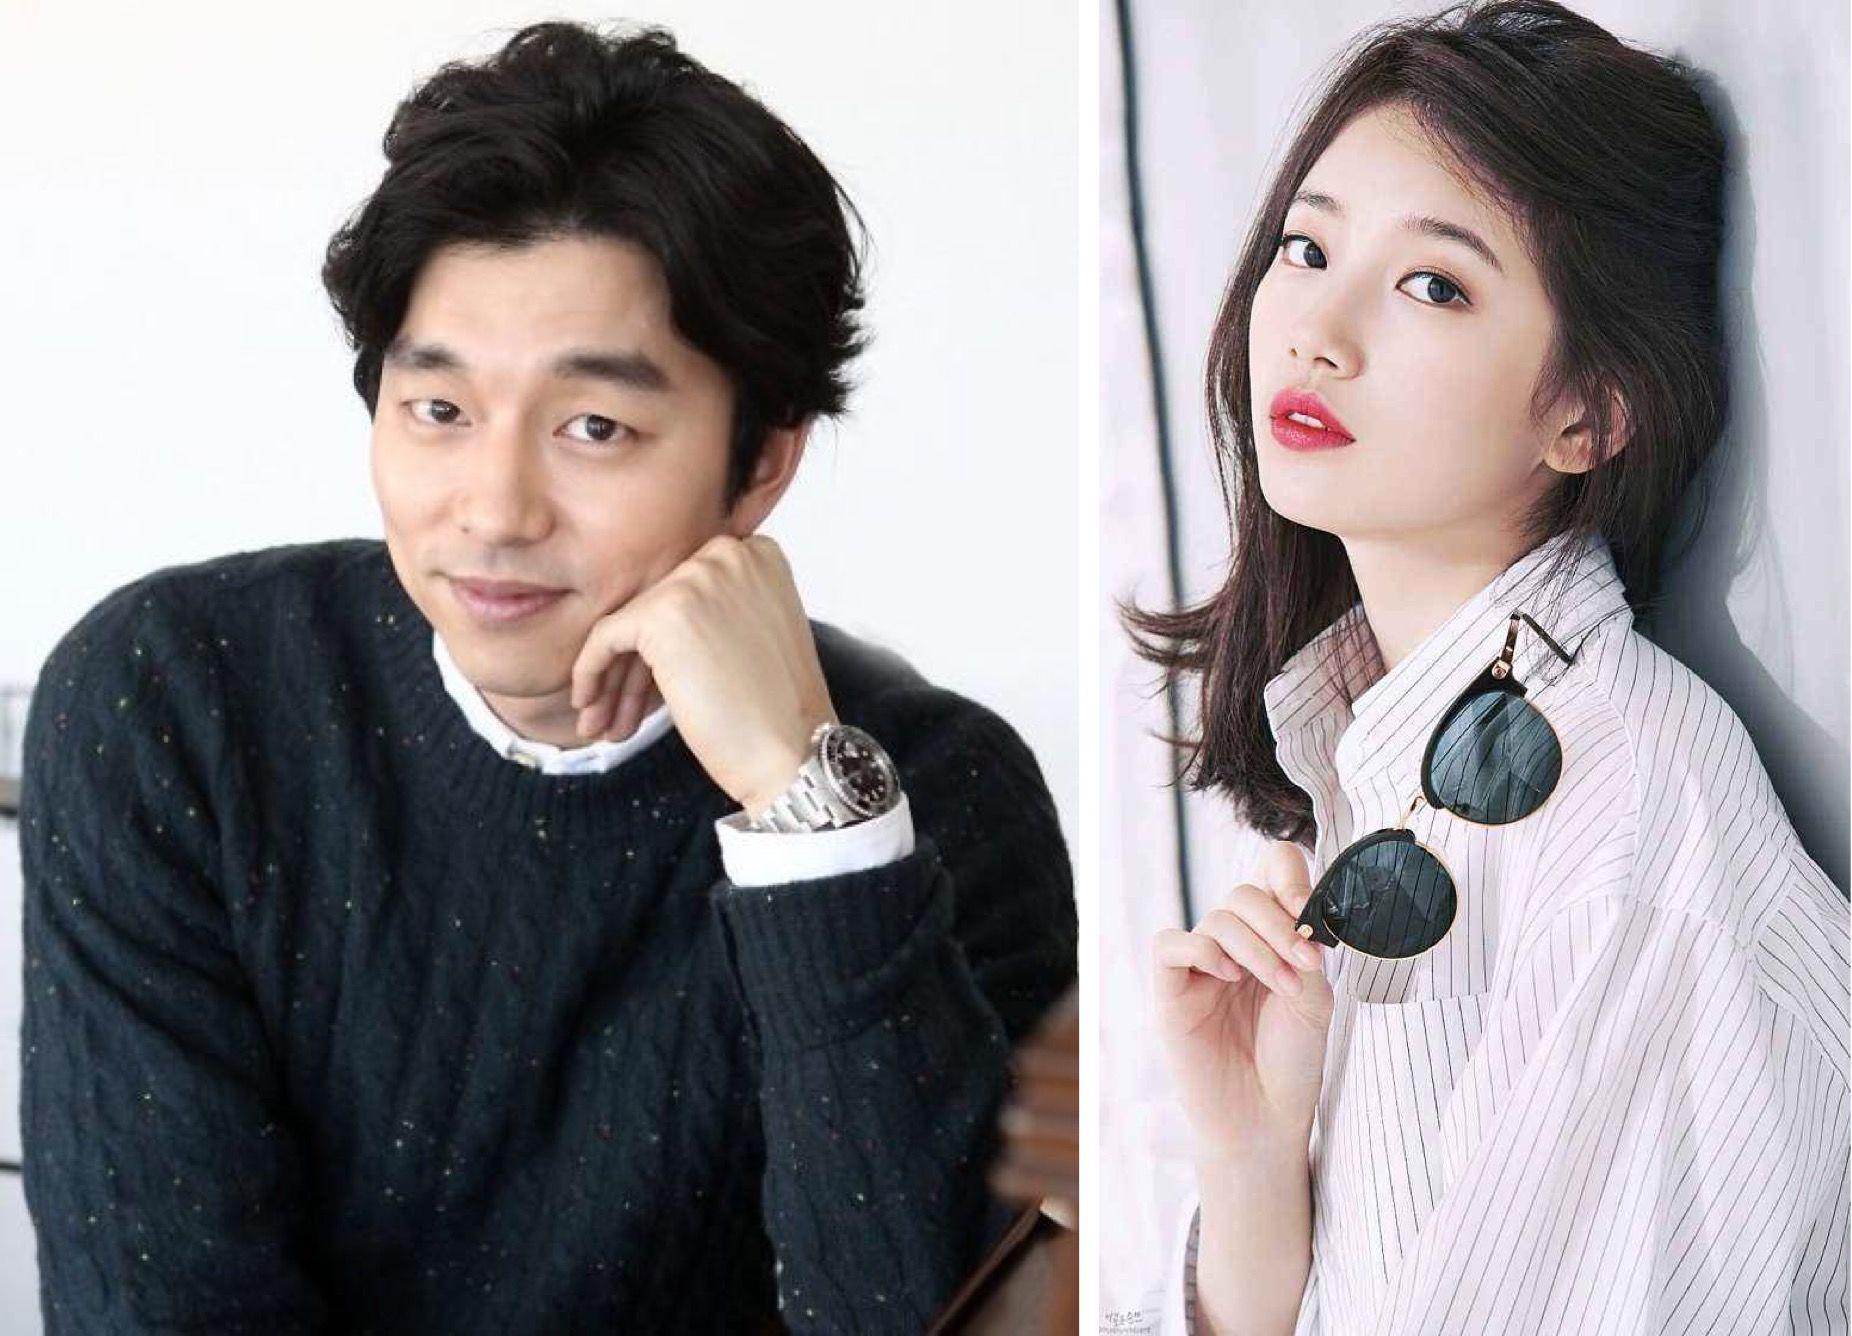 白色情人节最受欢迎韩星:孔刘秀智获最多支持